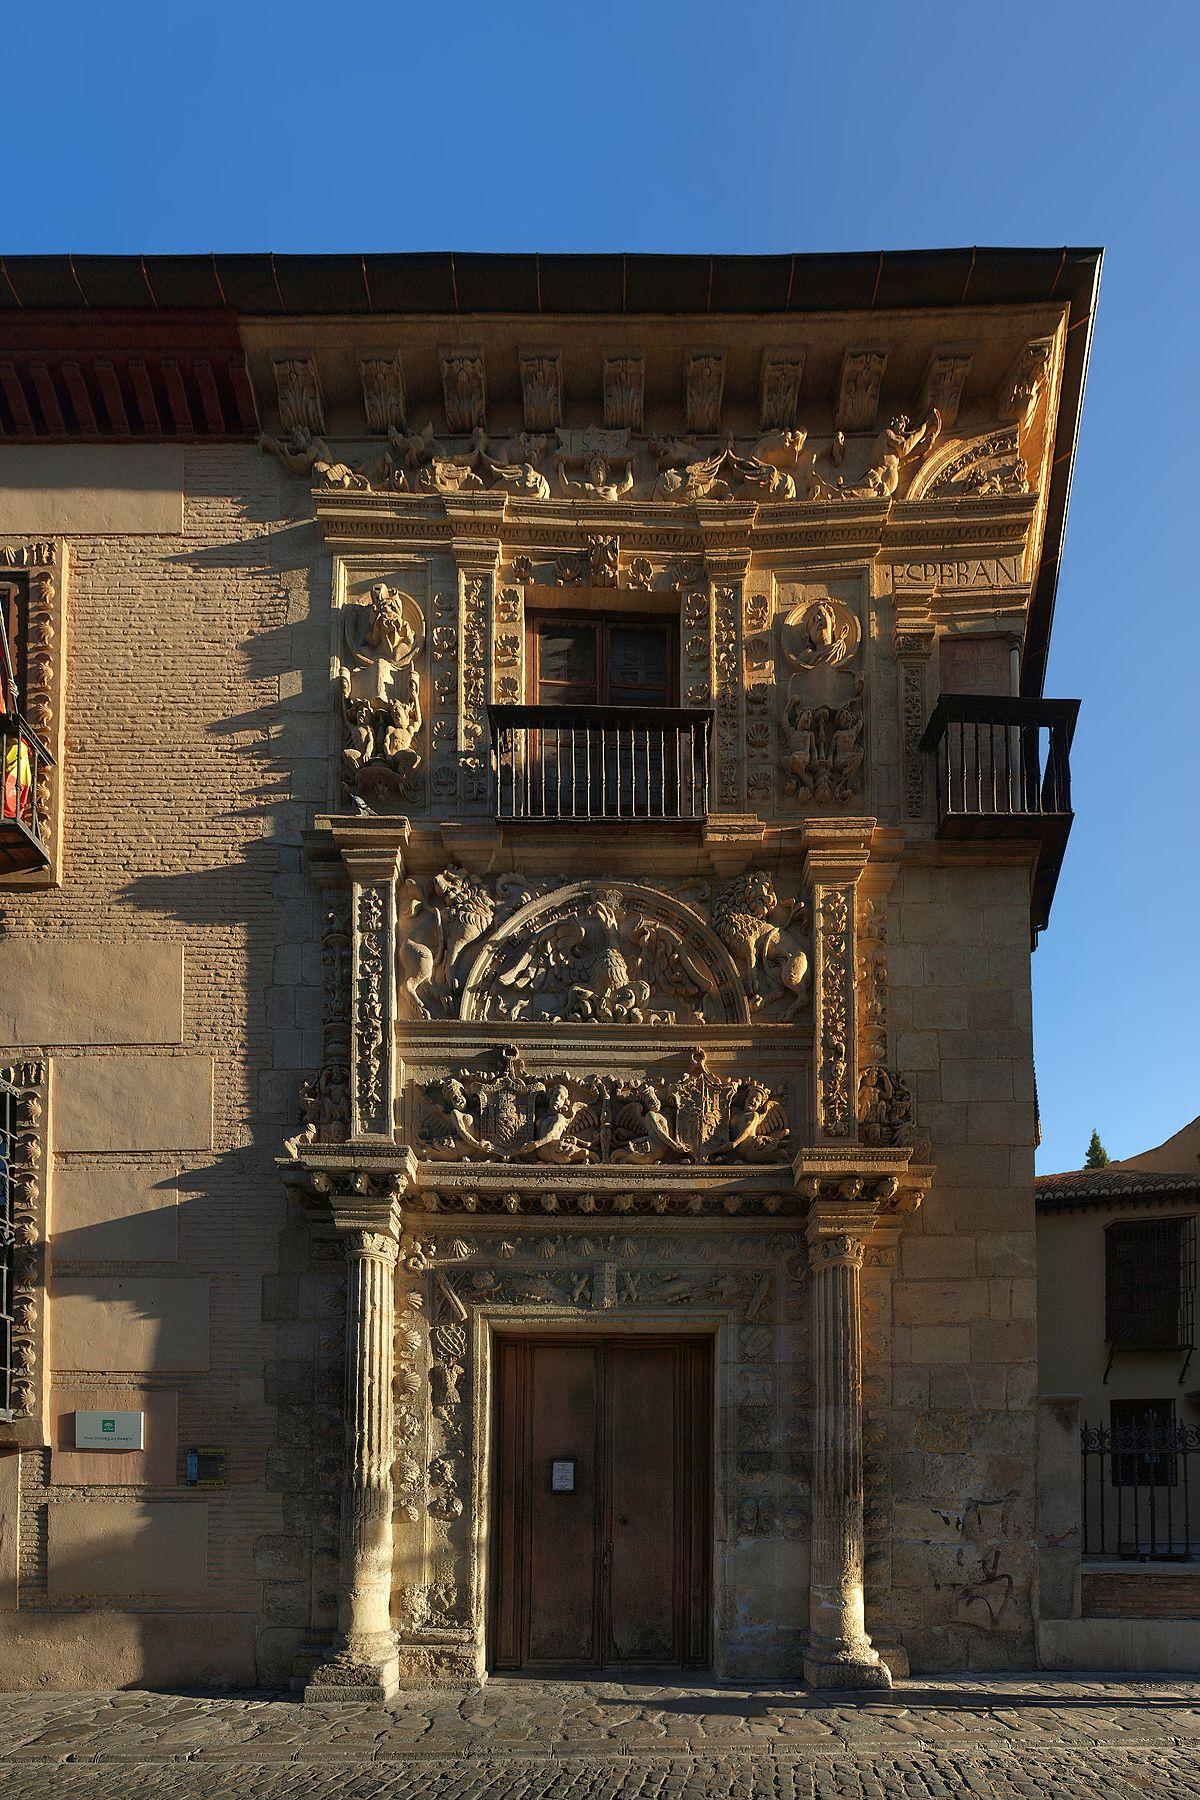 Casa de castril wikip dia a enciclop dia livre - Casas rurales baratas en castril ...